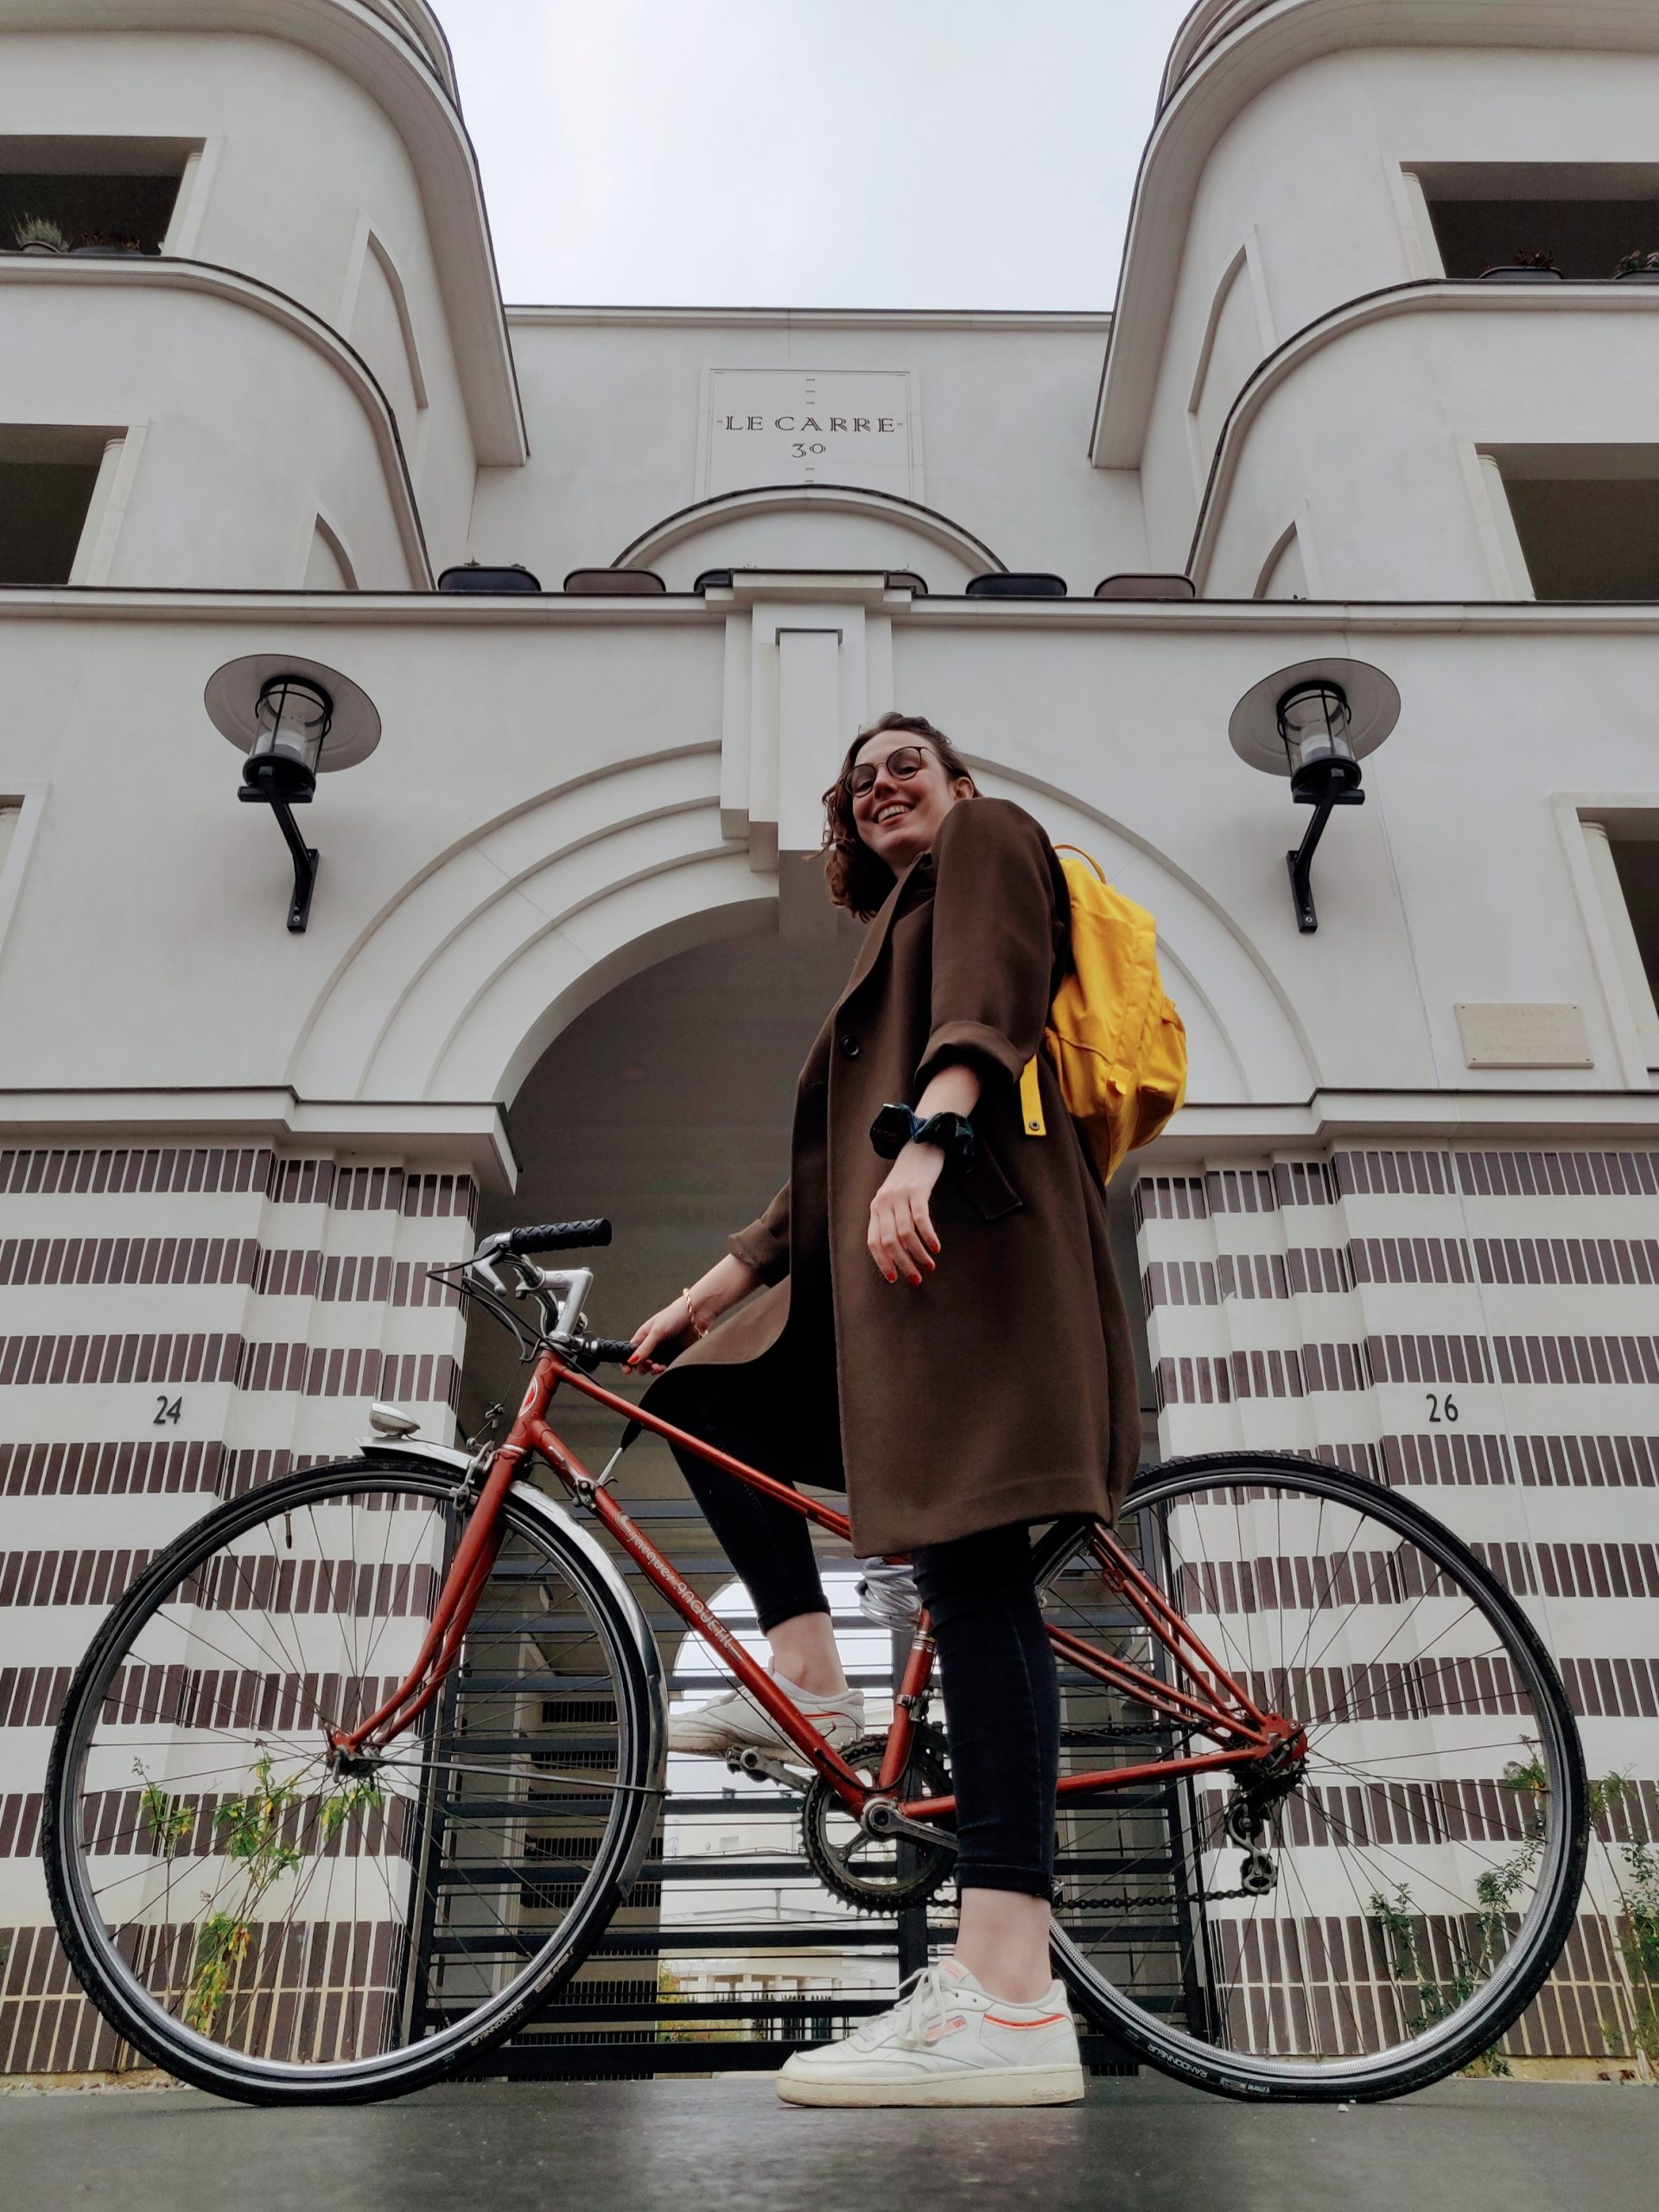 Livraison à vélo en Seine-et-Marne